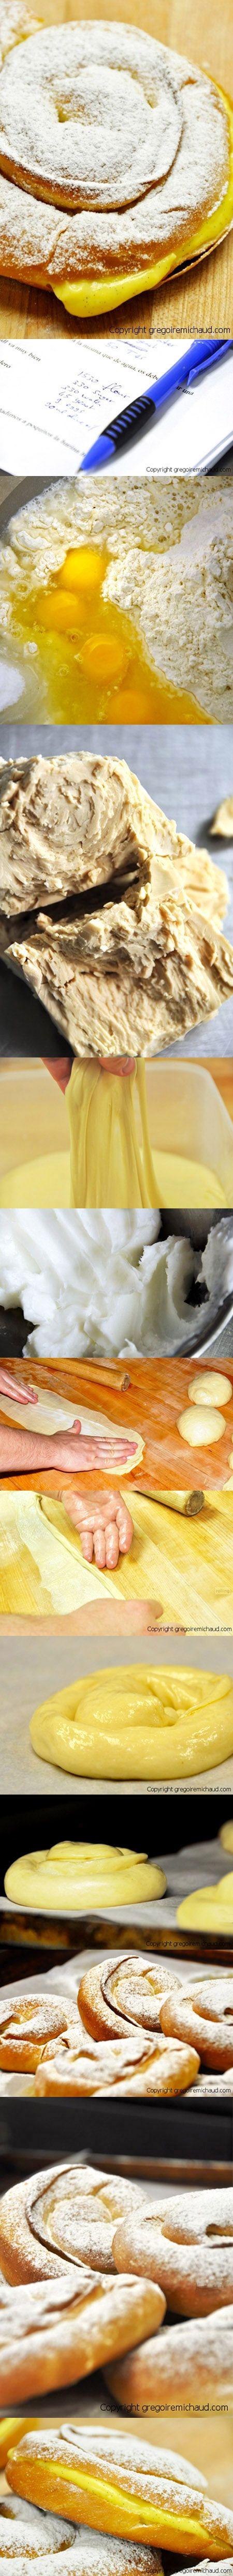 Cómo hacer ensaimadas / baking ensaimadas